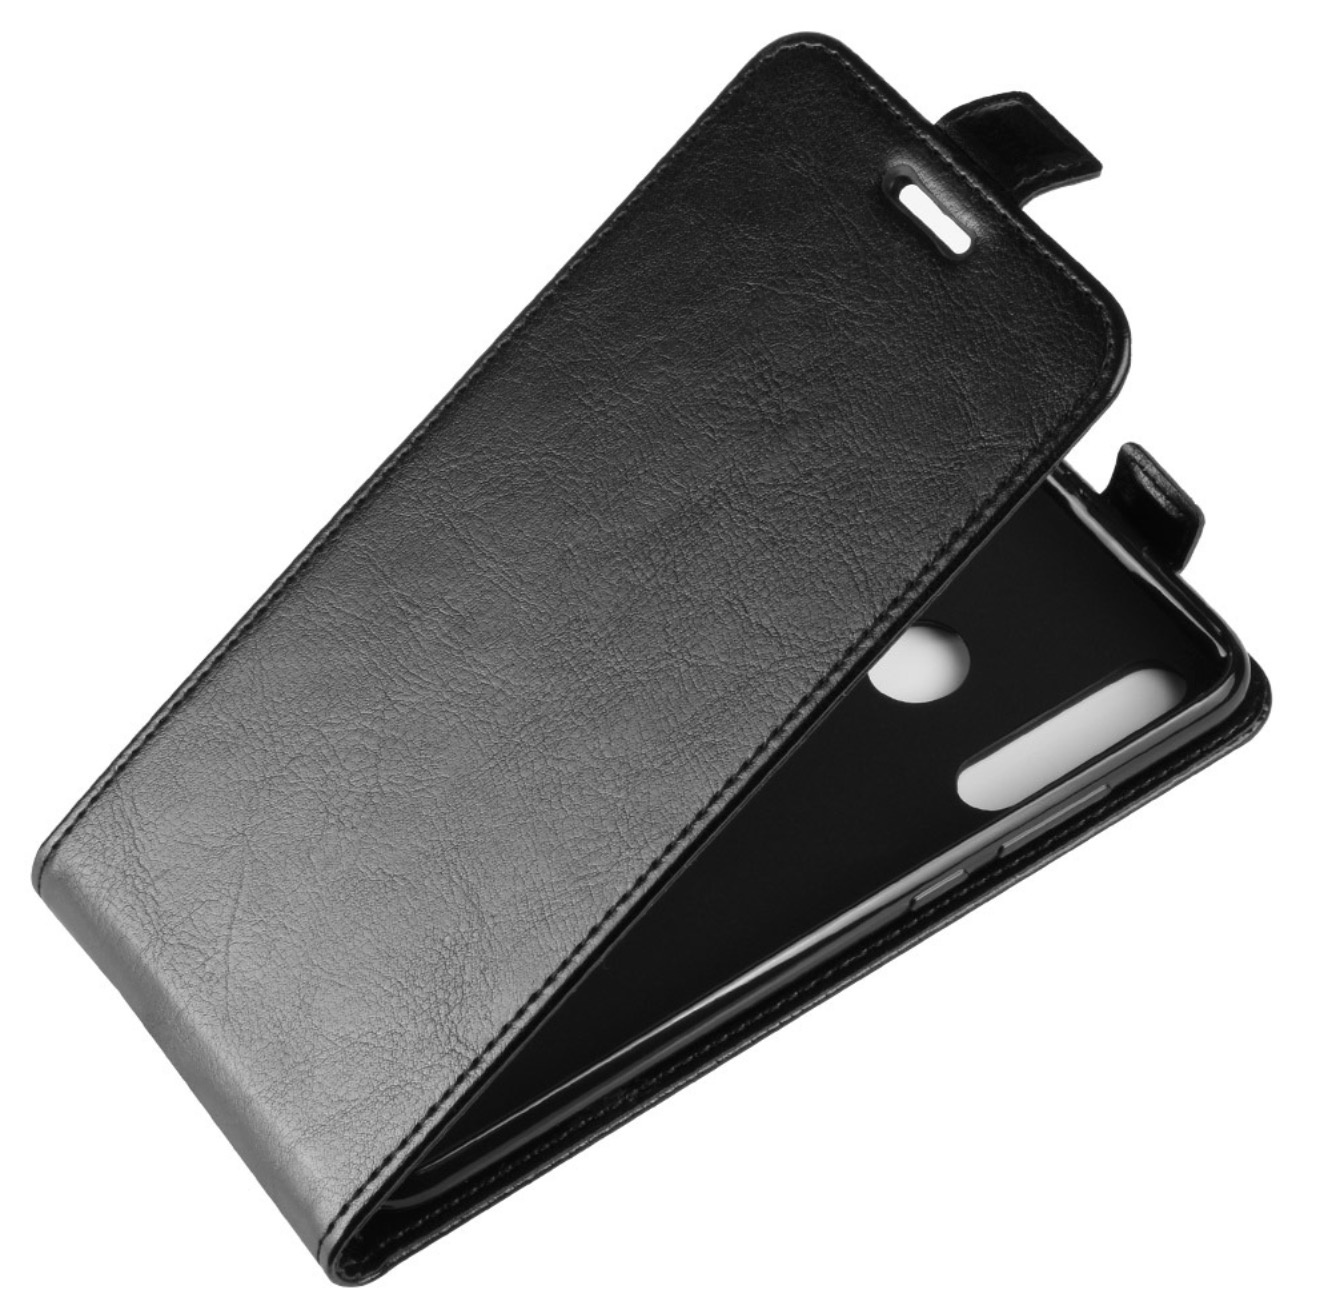 Чехол-флип MyPads для ZTE Blade X3/ZTE Blade D2 5.0 вертикальный откидной черный